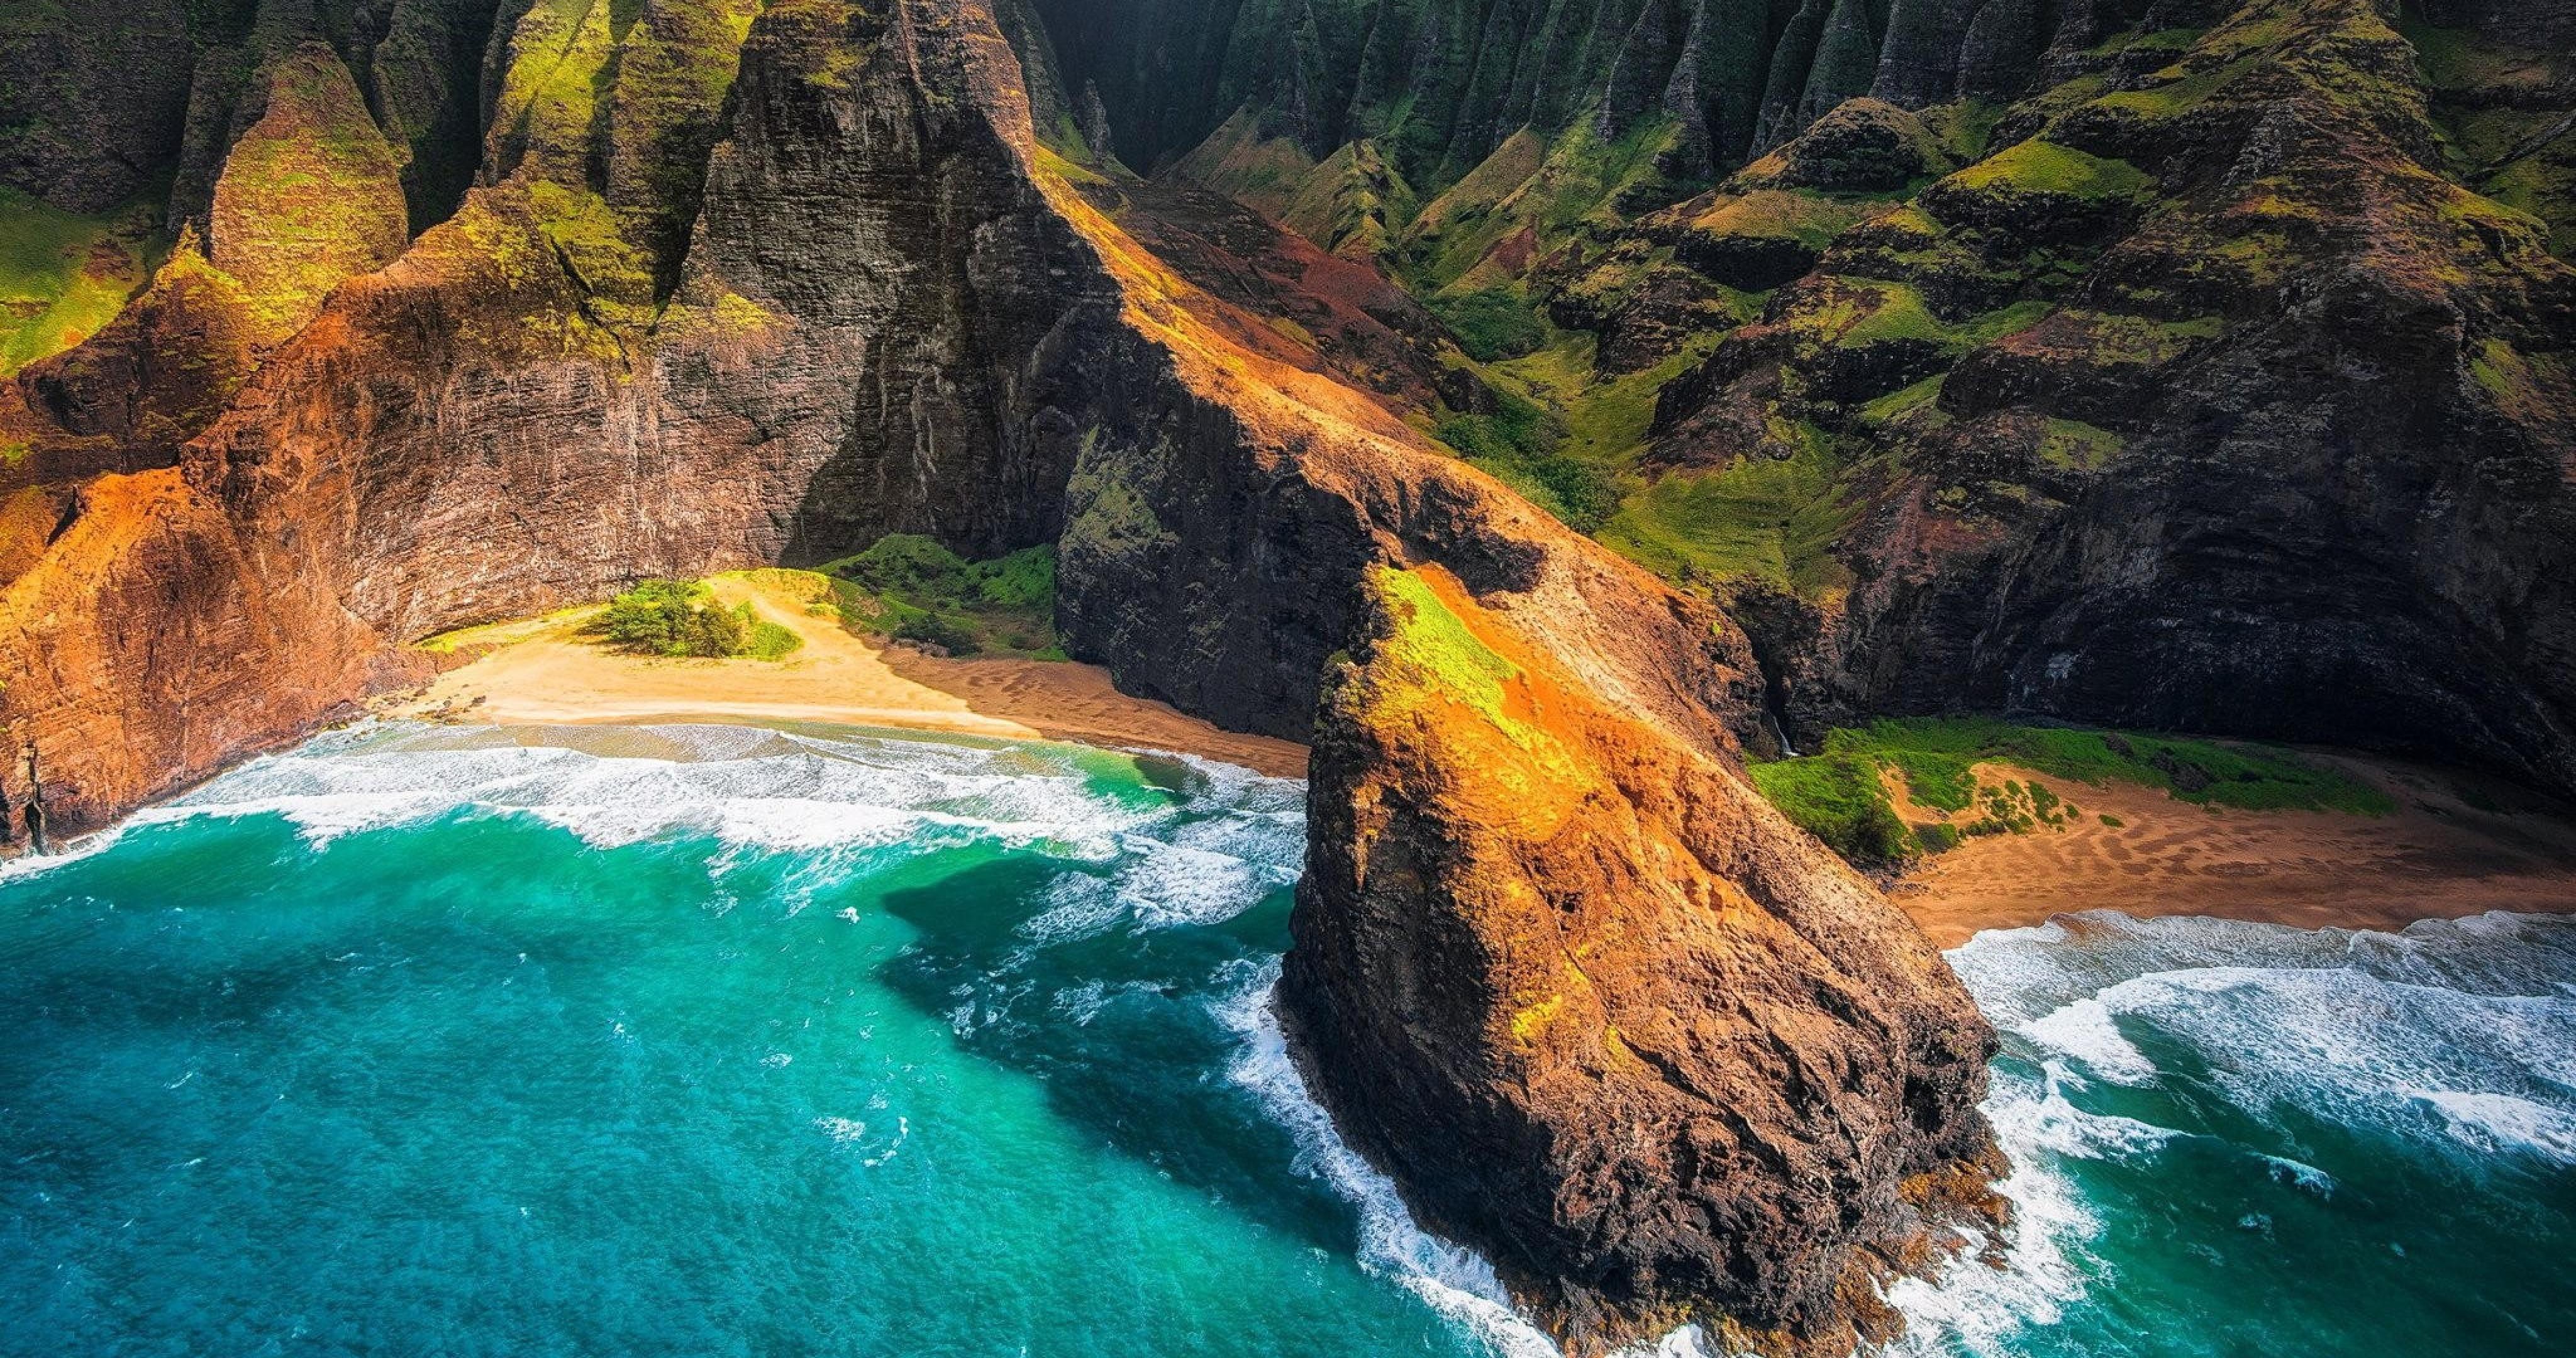 Hình ảnh thiên nhiên eo biển cực đẹp